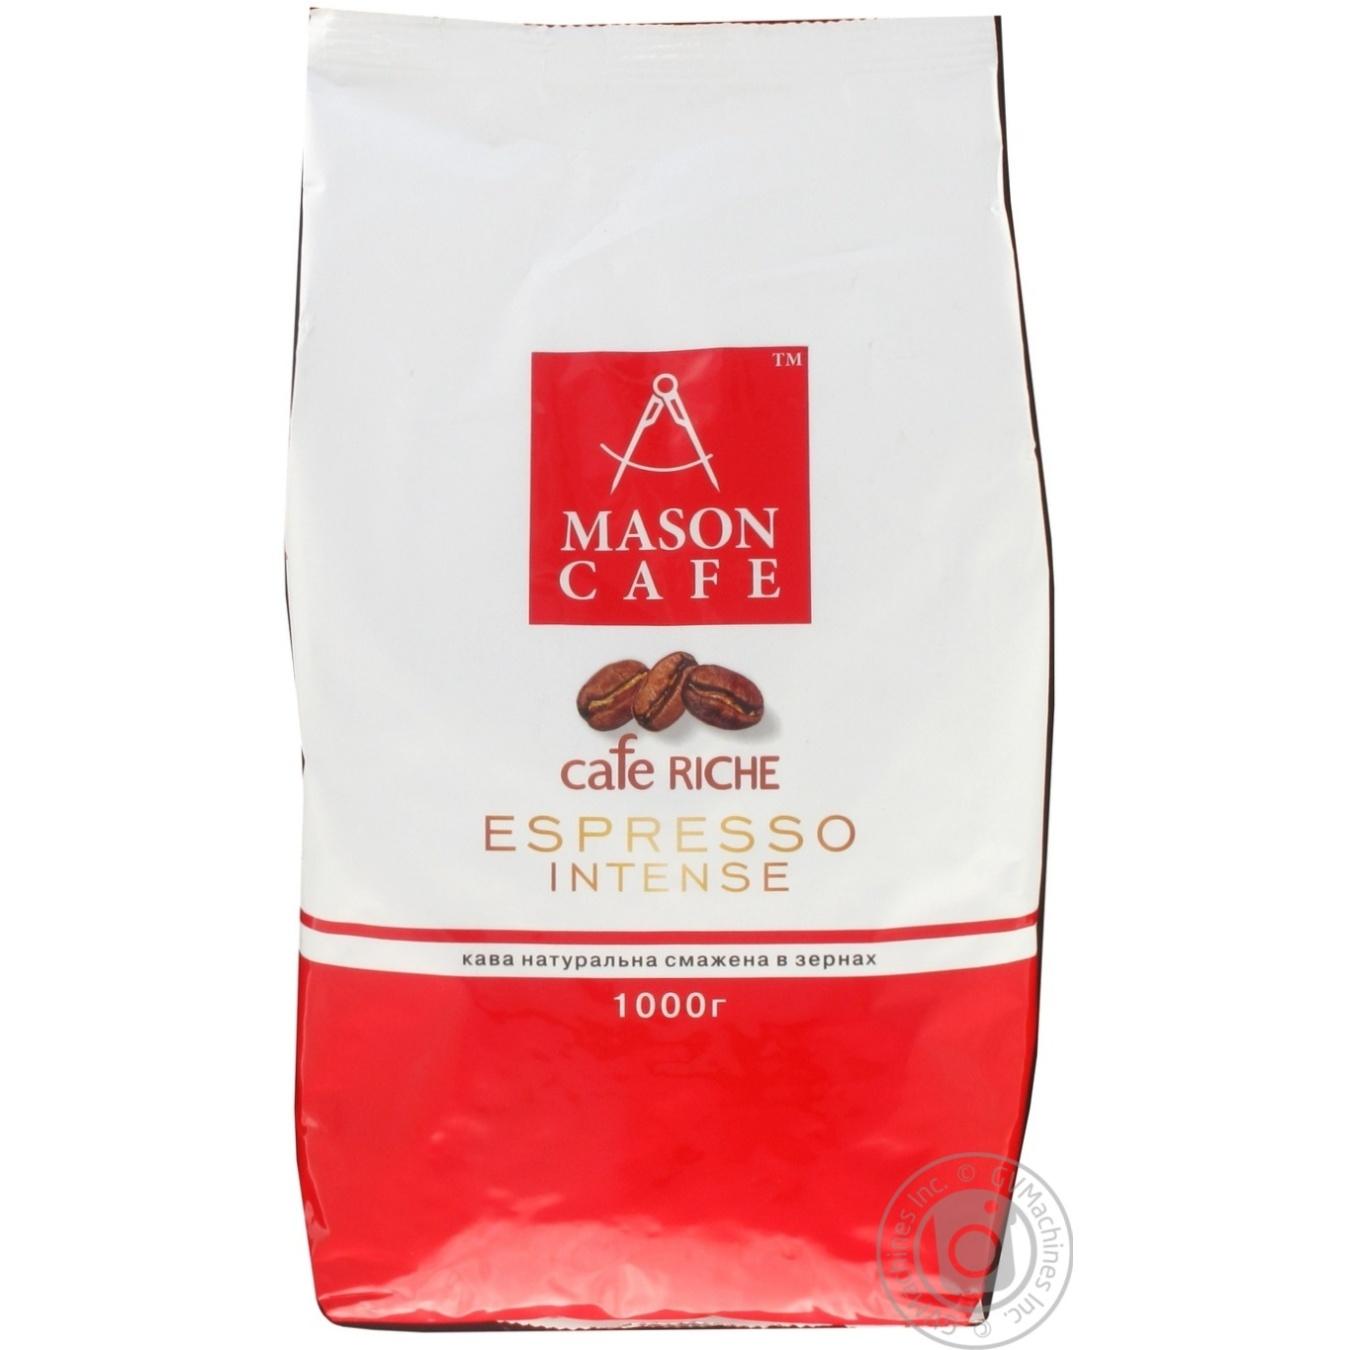 Кофе Mason Cafe Espresso Intense в зернах 1000г